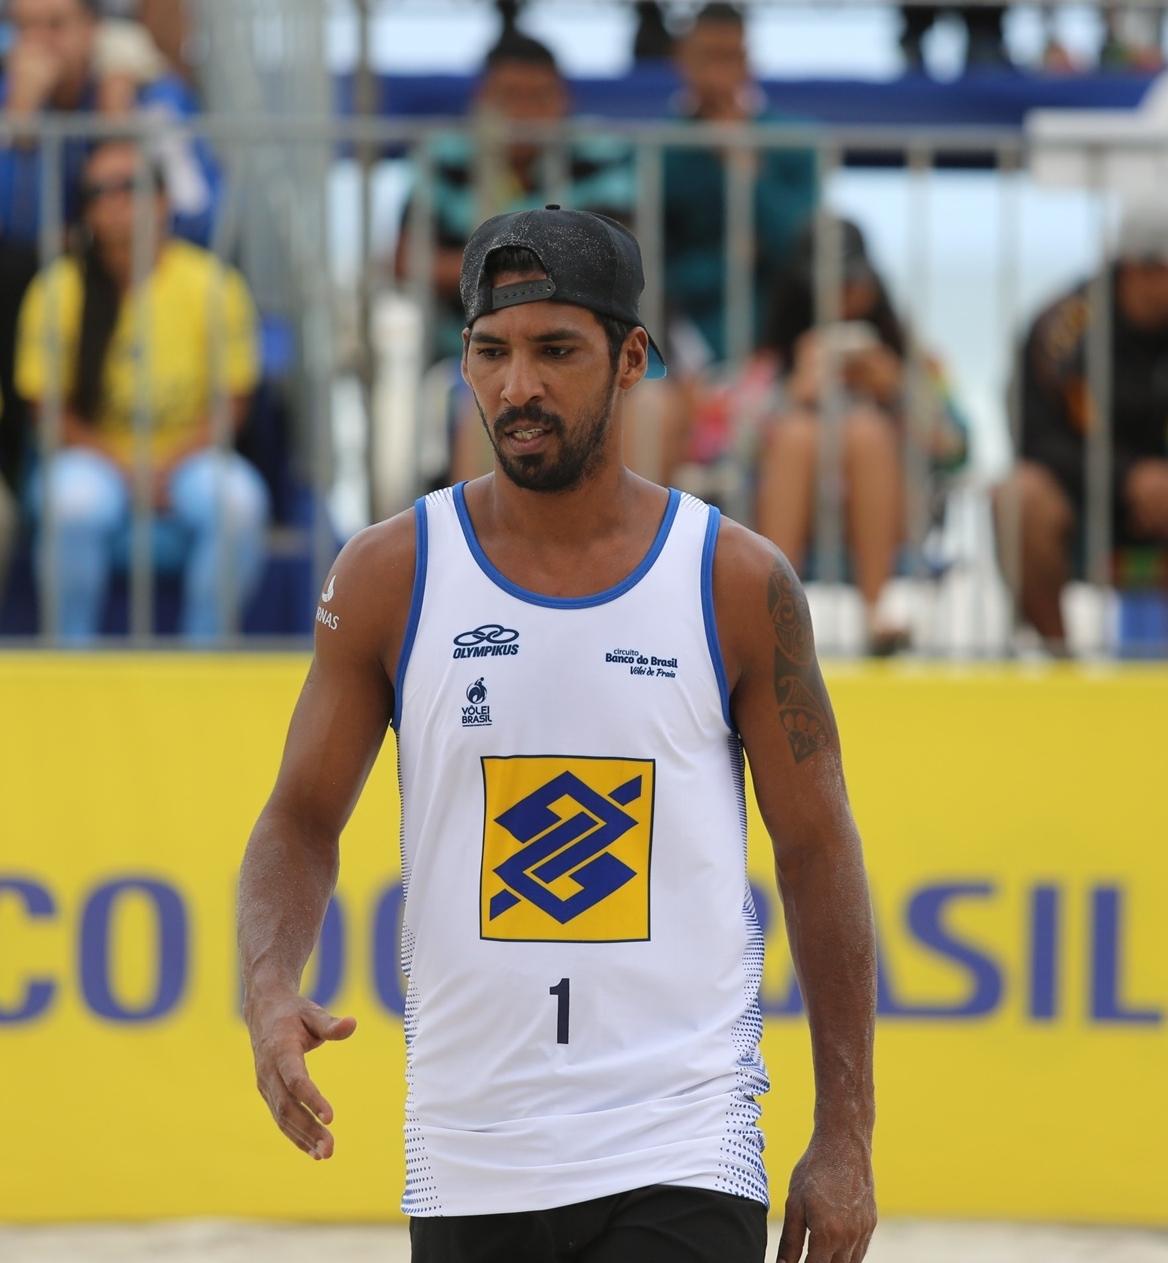 Gilmário Vidal Ferreira